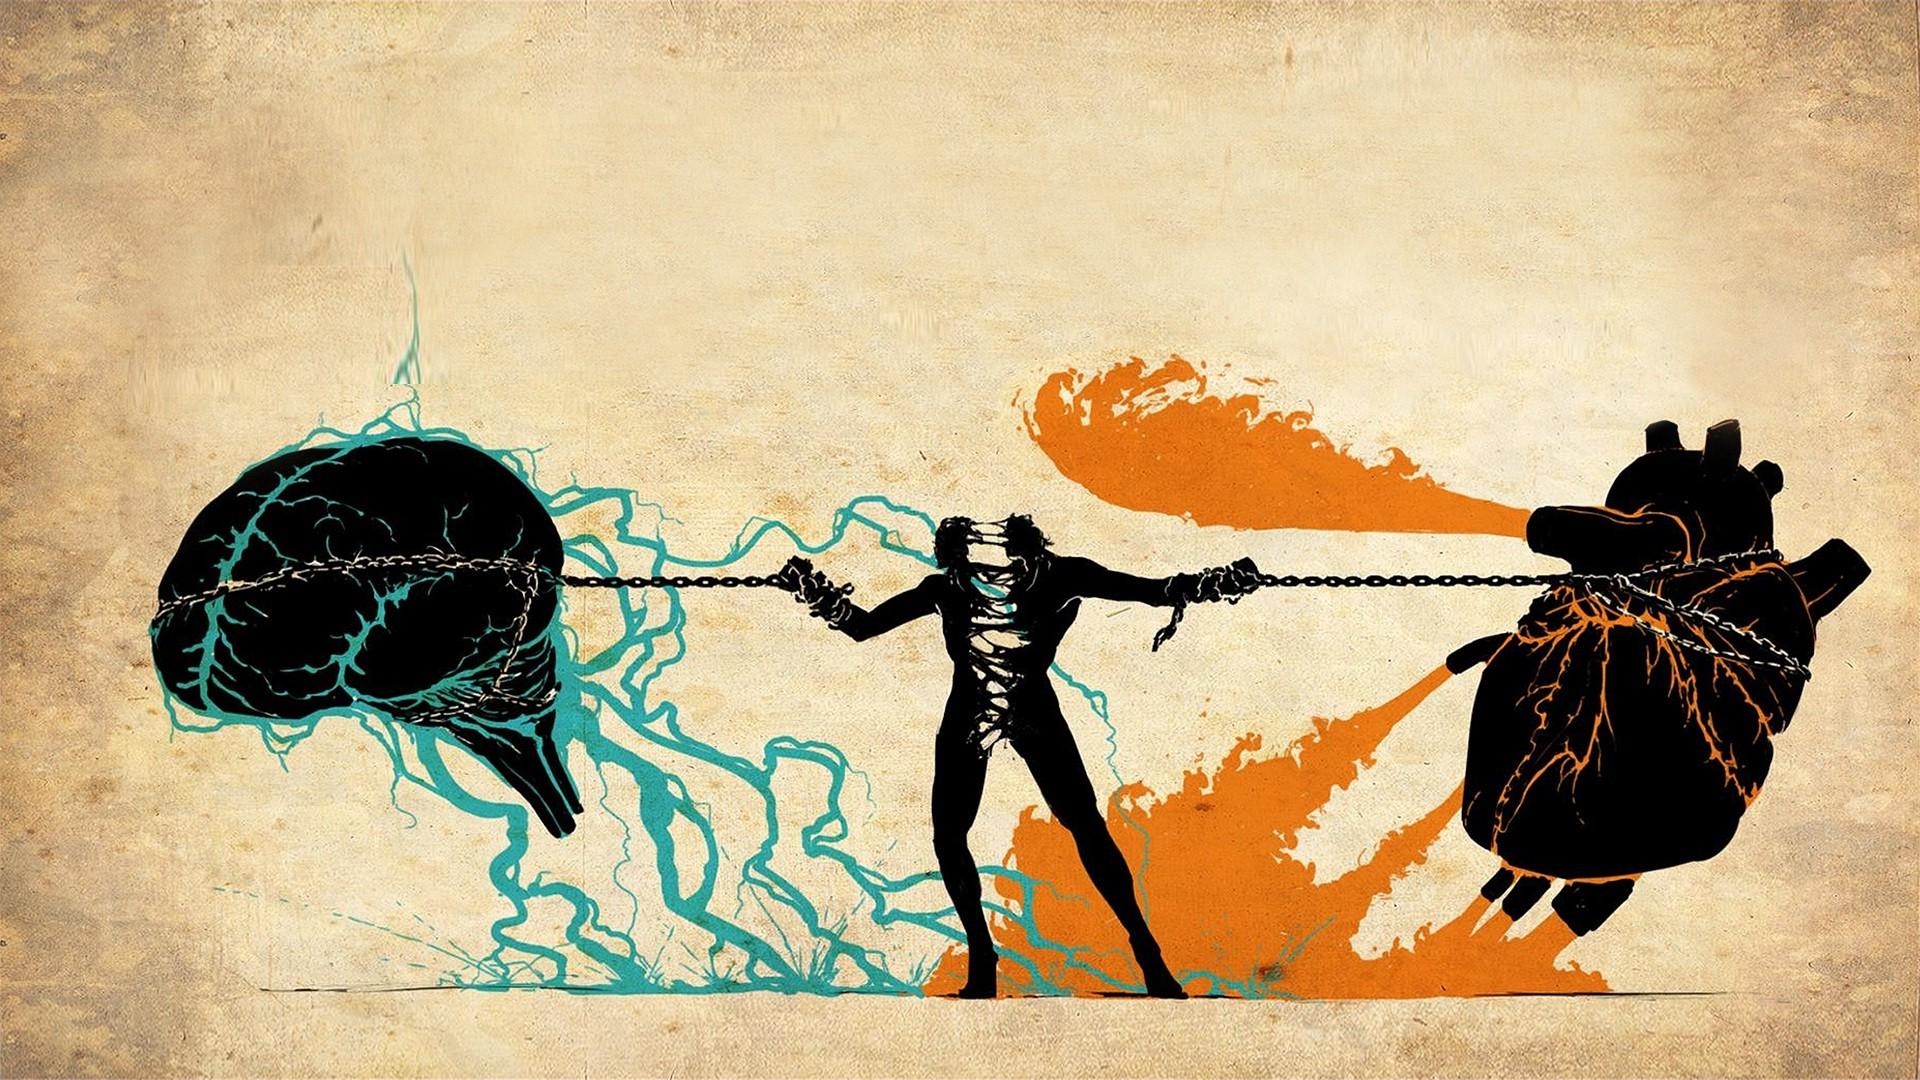 Wallpaper Illustration Abstract Artwork Lightning Graphic